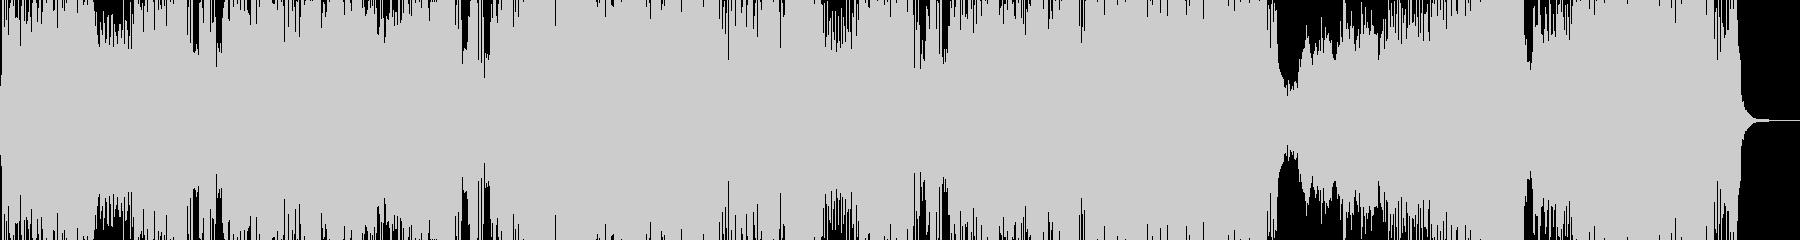 戦闘スタート・シンフォニックロック 長尺の未再生の波形